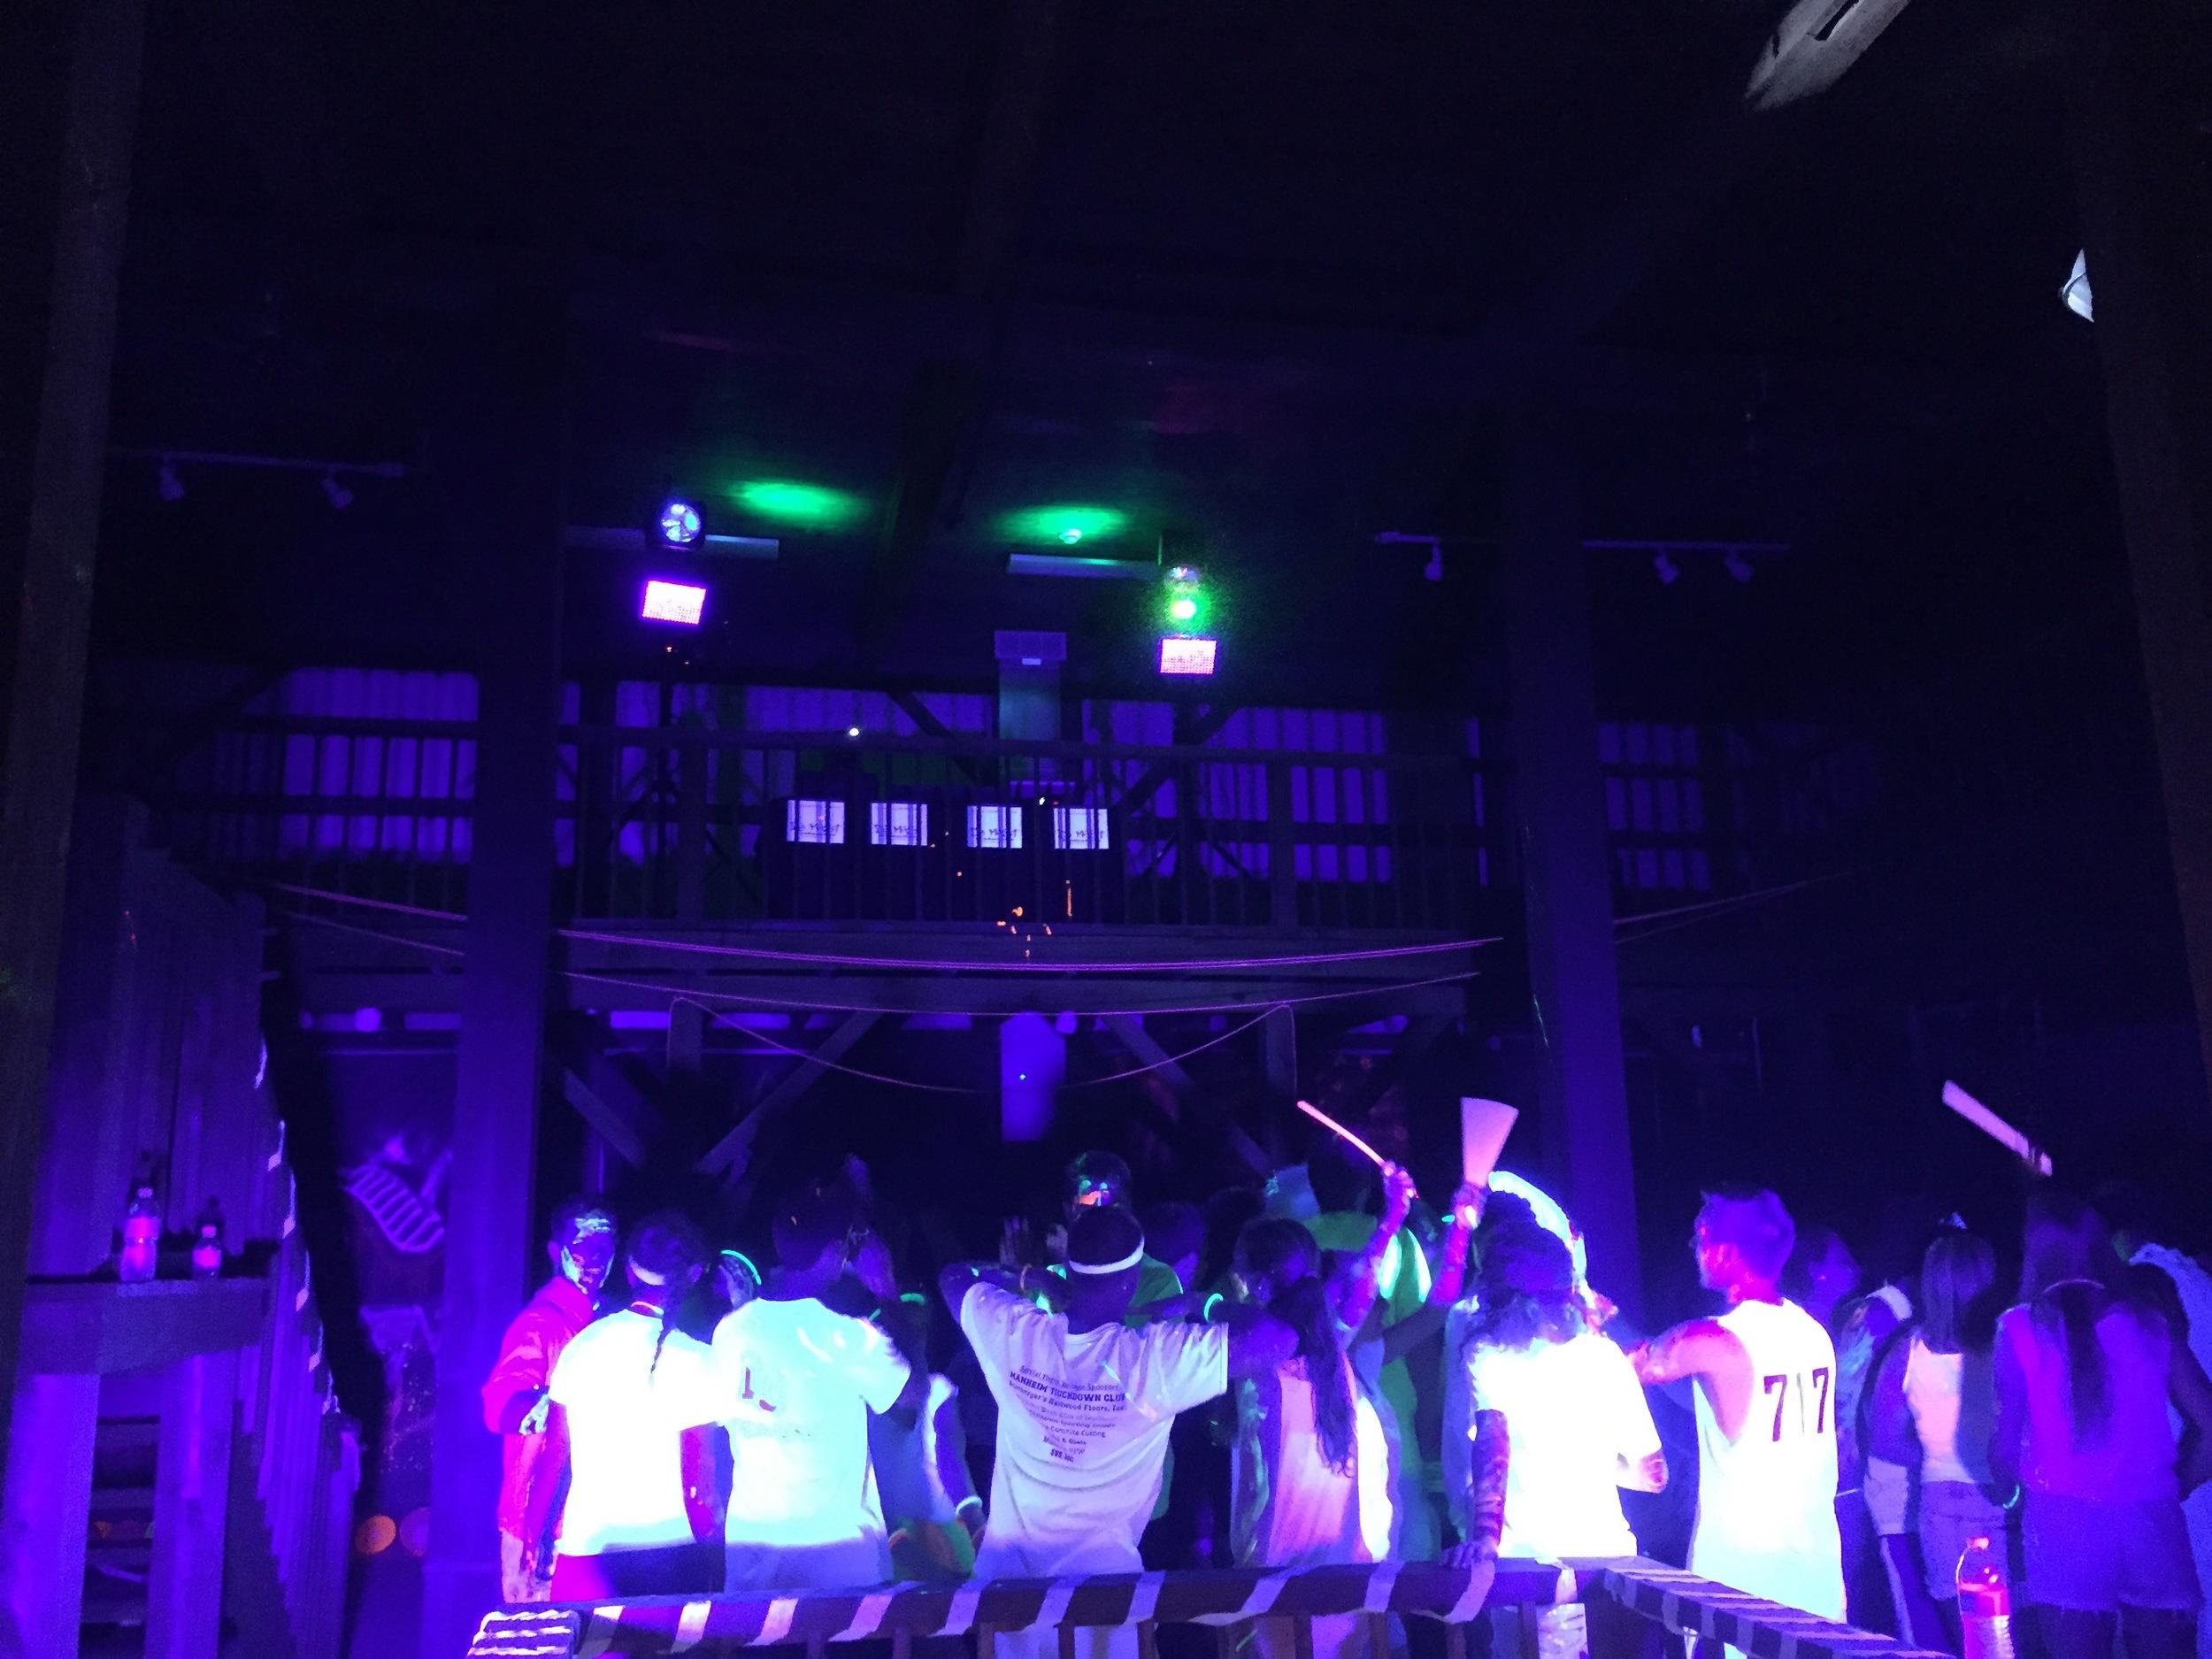 """Ultraviolet """"Black Light"""" Parties with Glow Stick Bracelets"""